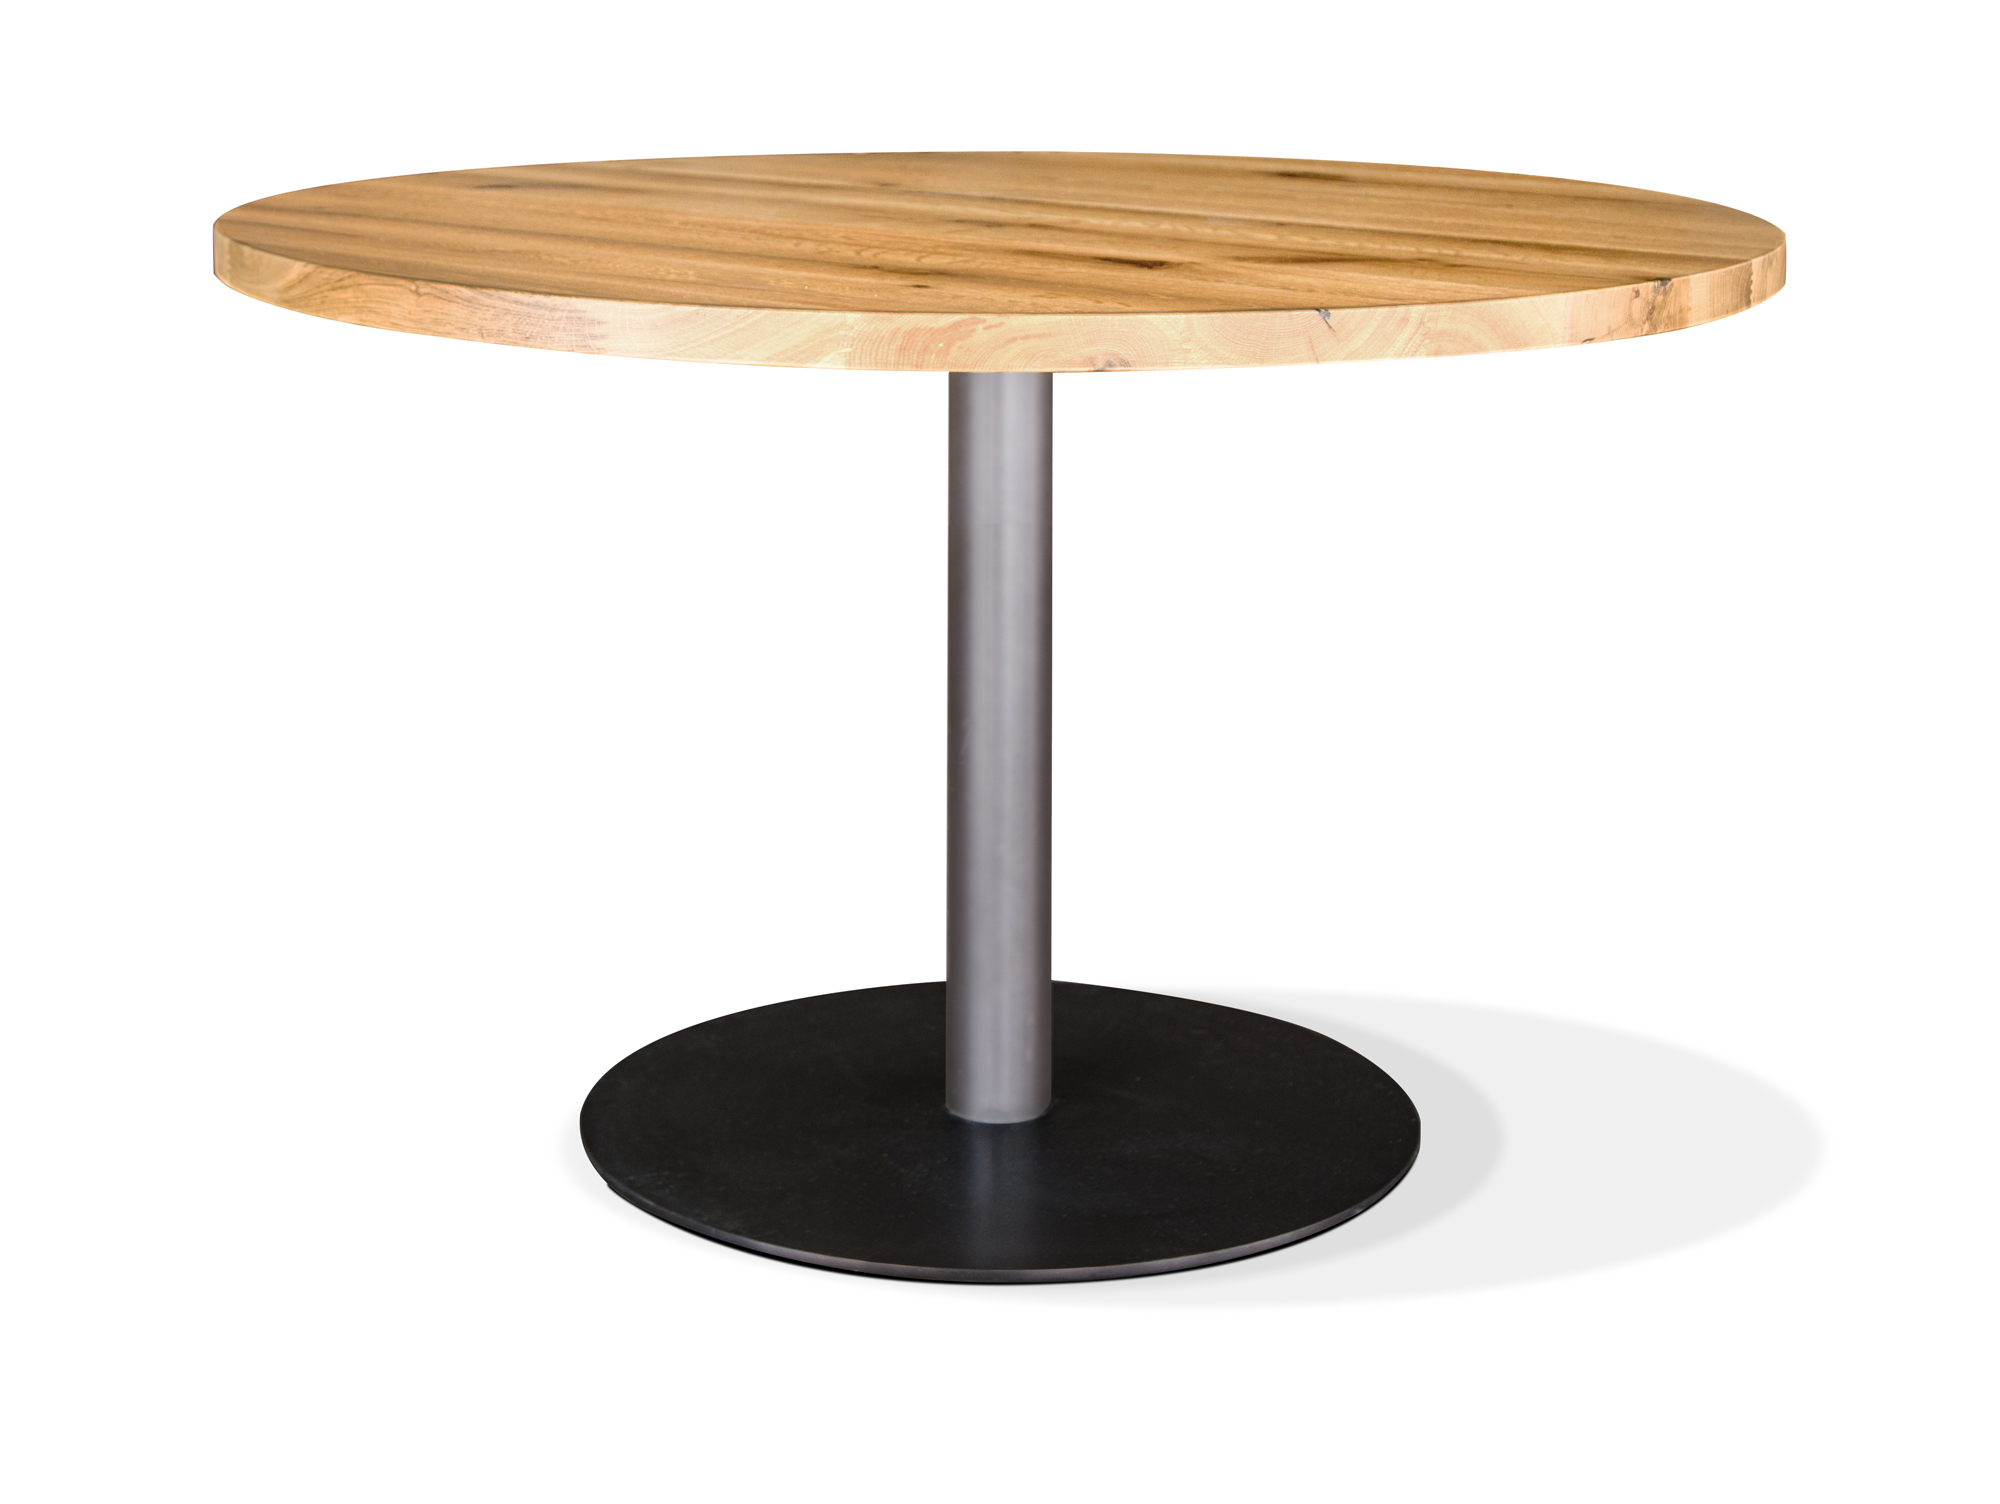 Esstisch rund weiß eiche  GASTRO Esstisch rund Eiche lackiert 100 cm